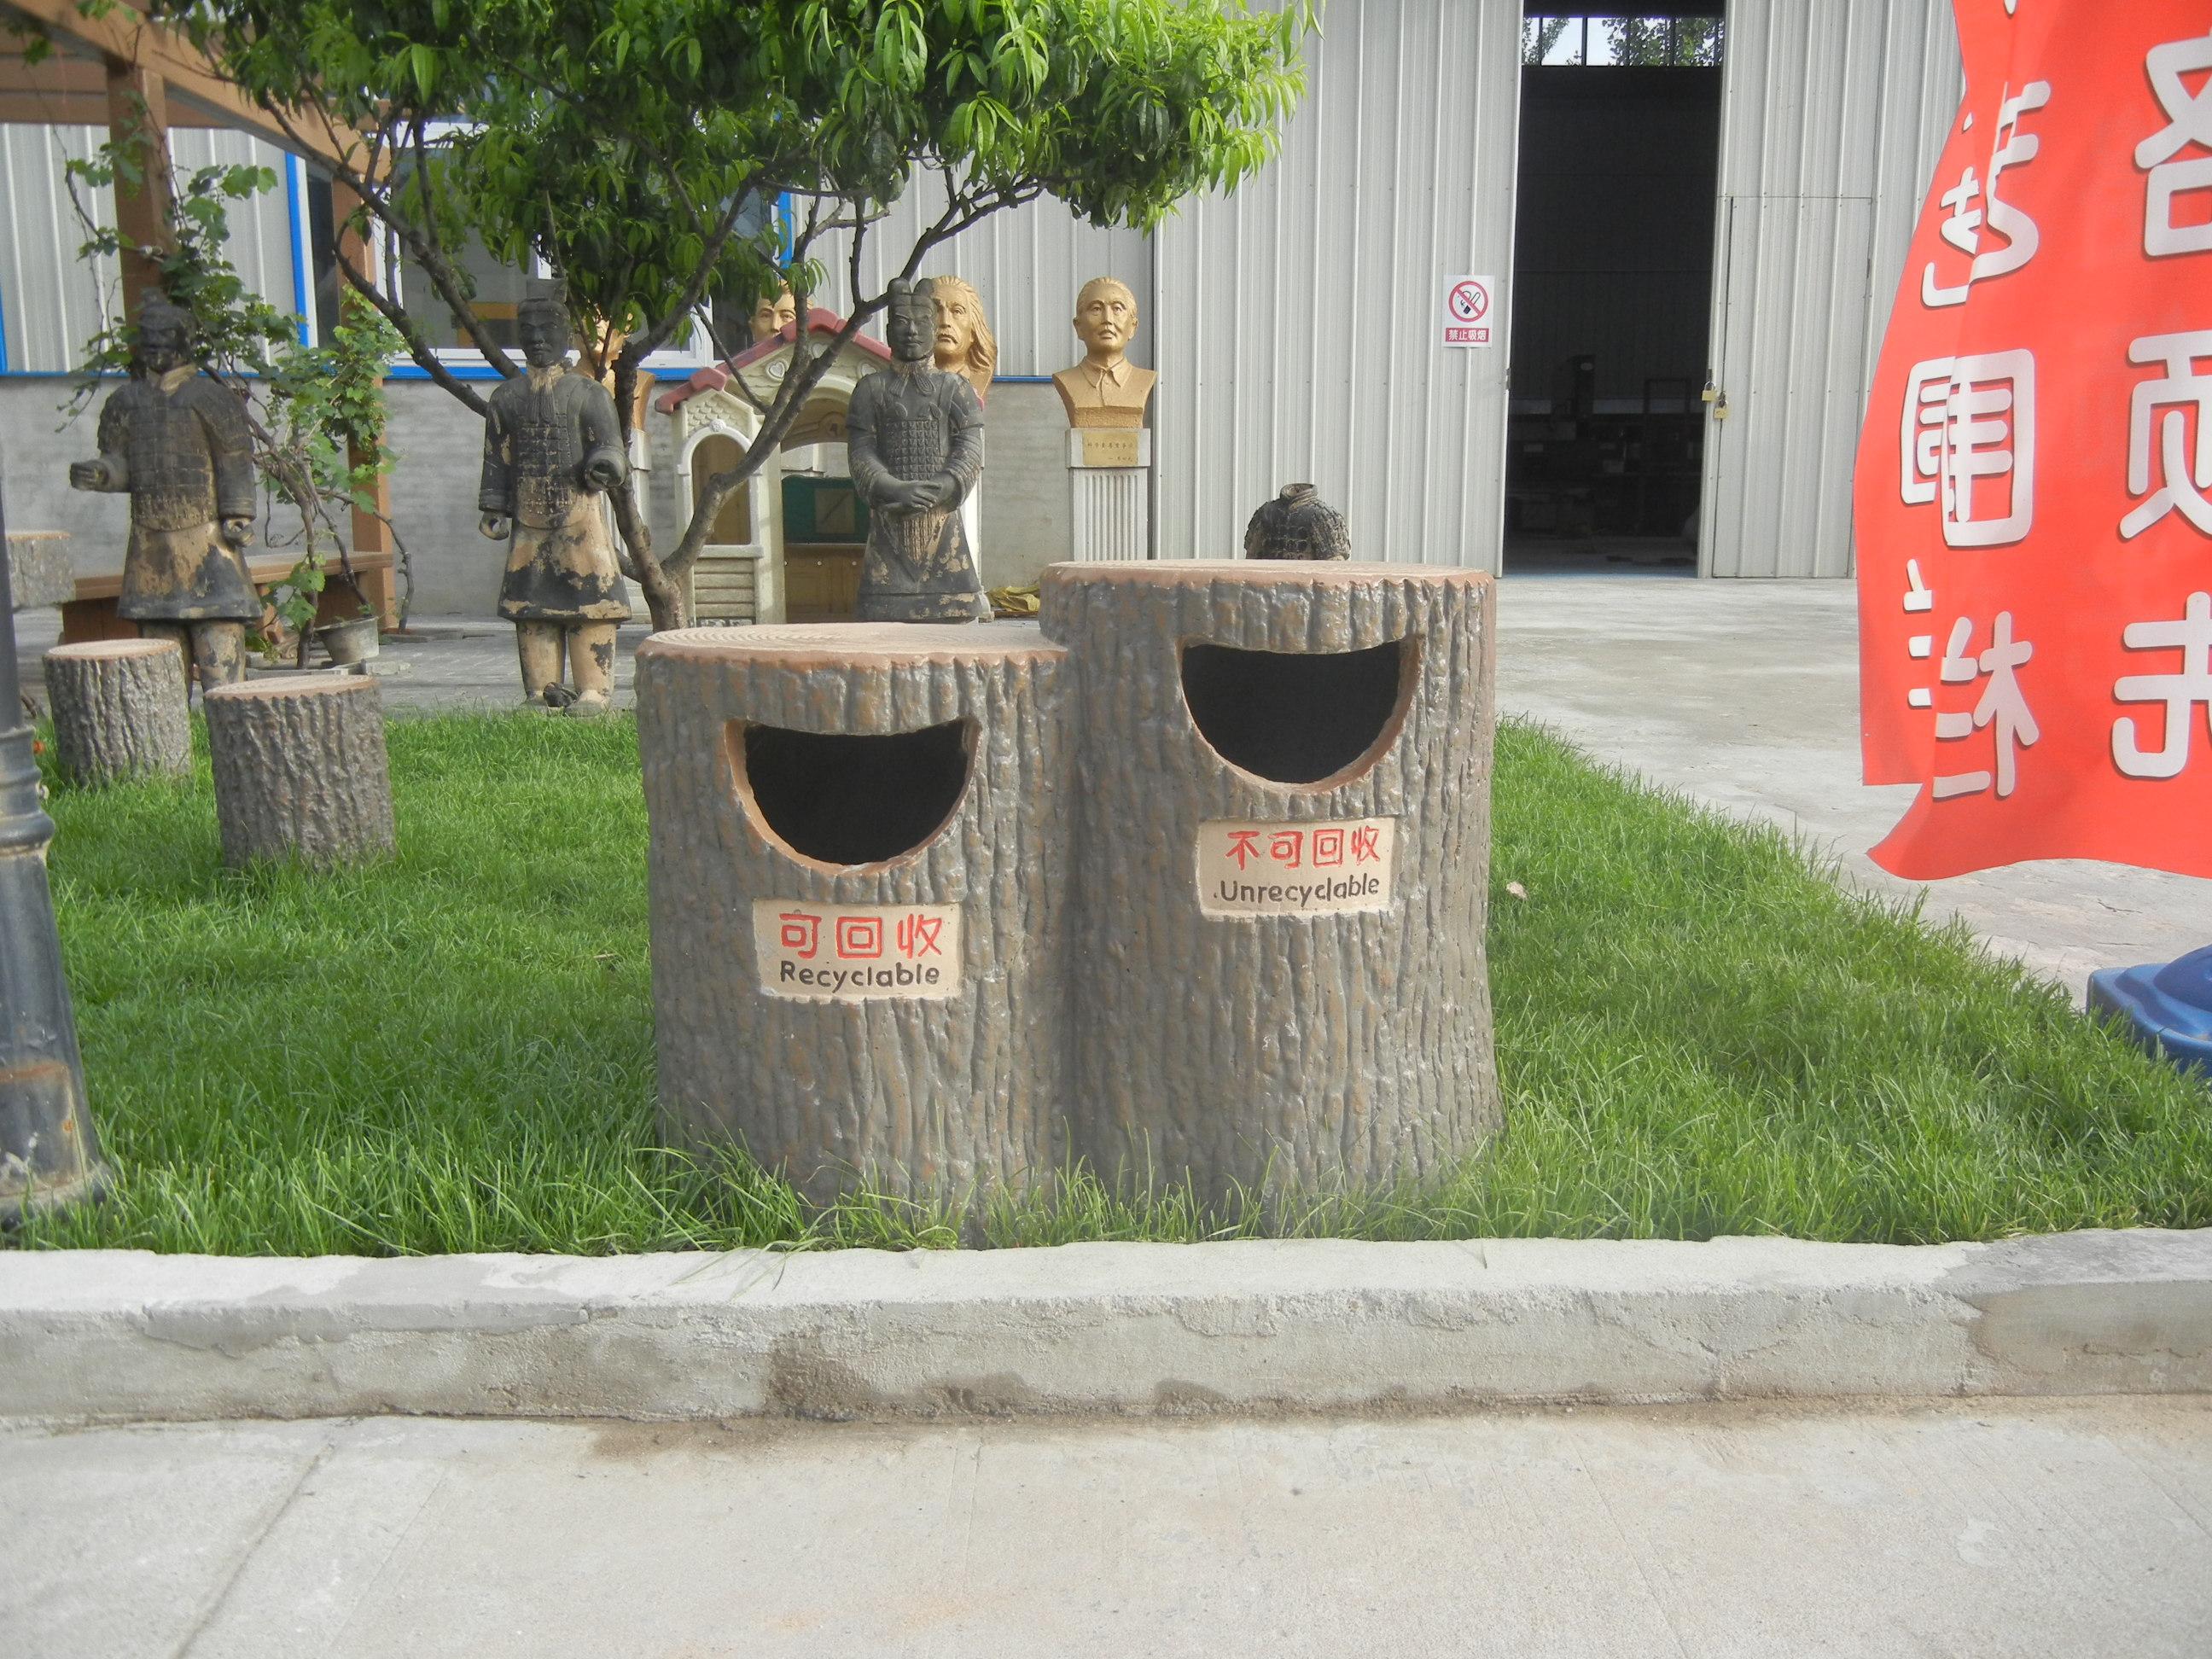 西仿木垃圾桶|西安仿木垃圾桶厂家定做|西安仿木垃圾桶定制价格|西安仿木垃圾桶厂家报价|西安抗老化仿木垃圾桶厂家